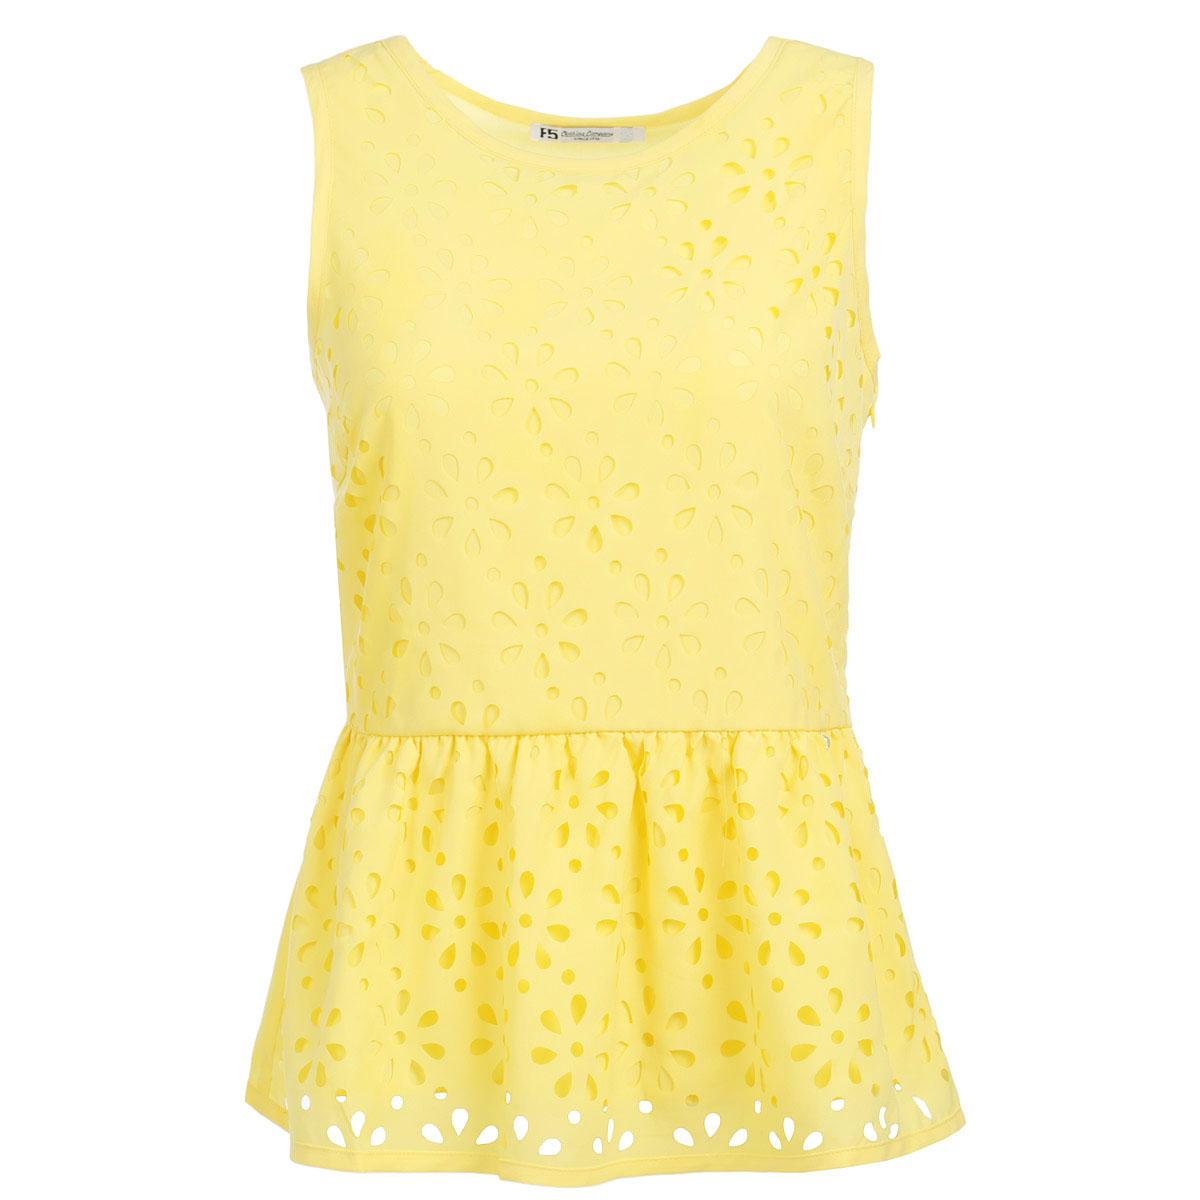 Блузка женская F5, цвет: желтый. 17231. Размер S (44)17231Очаровательная блузка F5 очень удобна и практична - прекрасный вариант на каждый день. Изготовлена блузка из полиэстера с небольшим добавлением эластана. Модель приталенного кроя с круглым вырезом горловины и без рукавов. В боковом шве расположена потайная застежка-молния. На талии блузка дополнена баской. Спереди изделие оформлено декоративной перфорацией в виде цветочного узора. Такая блузка будет гармонично смотрятся как с классическими брюками, так и с юбкой-карандаш или шортами. Модная блузка займет достойное место в вашем гардеробе.